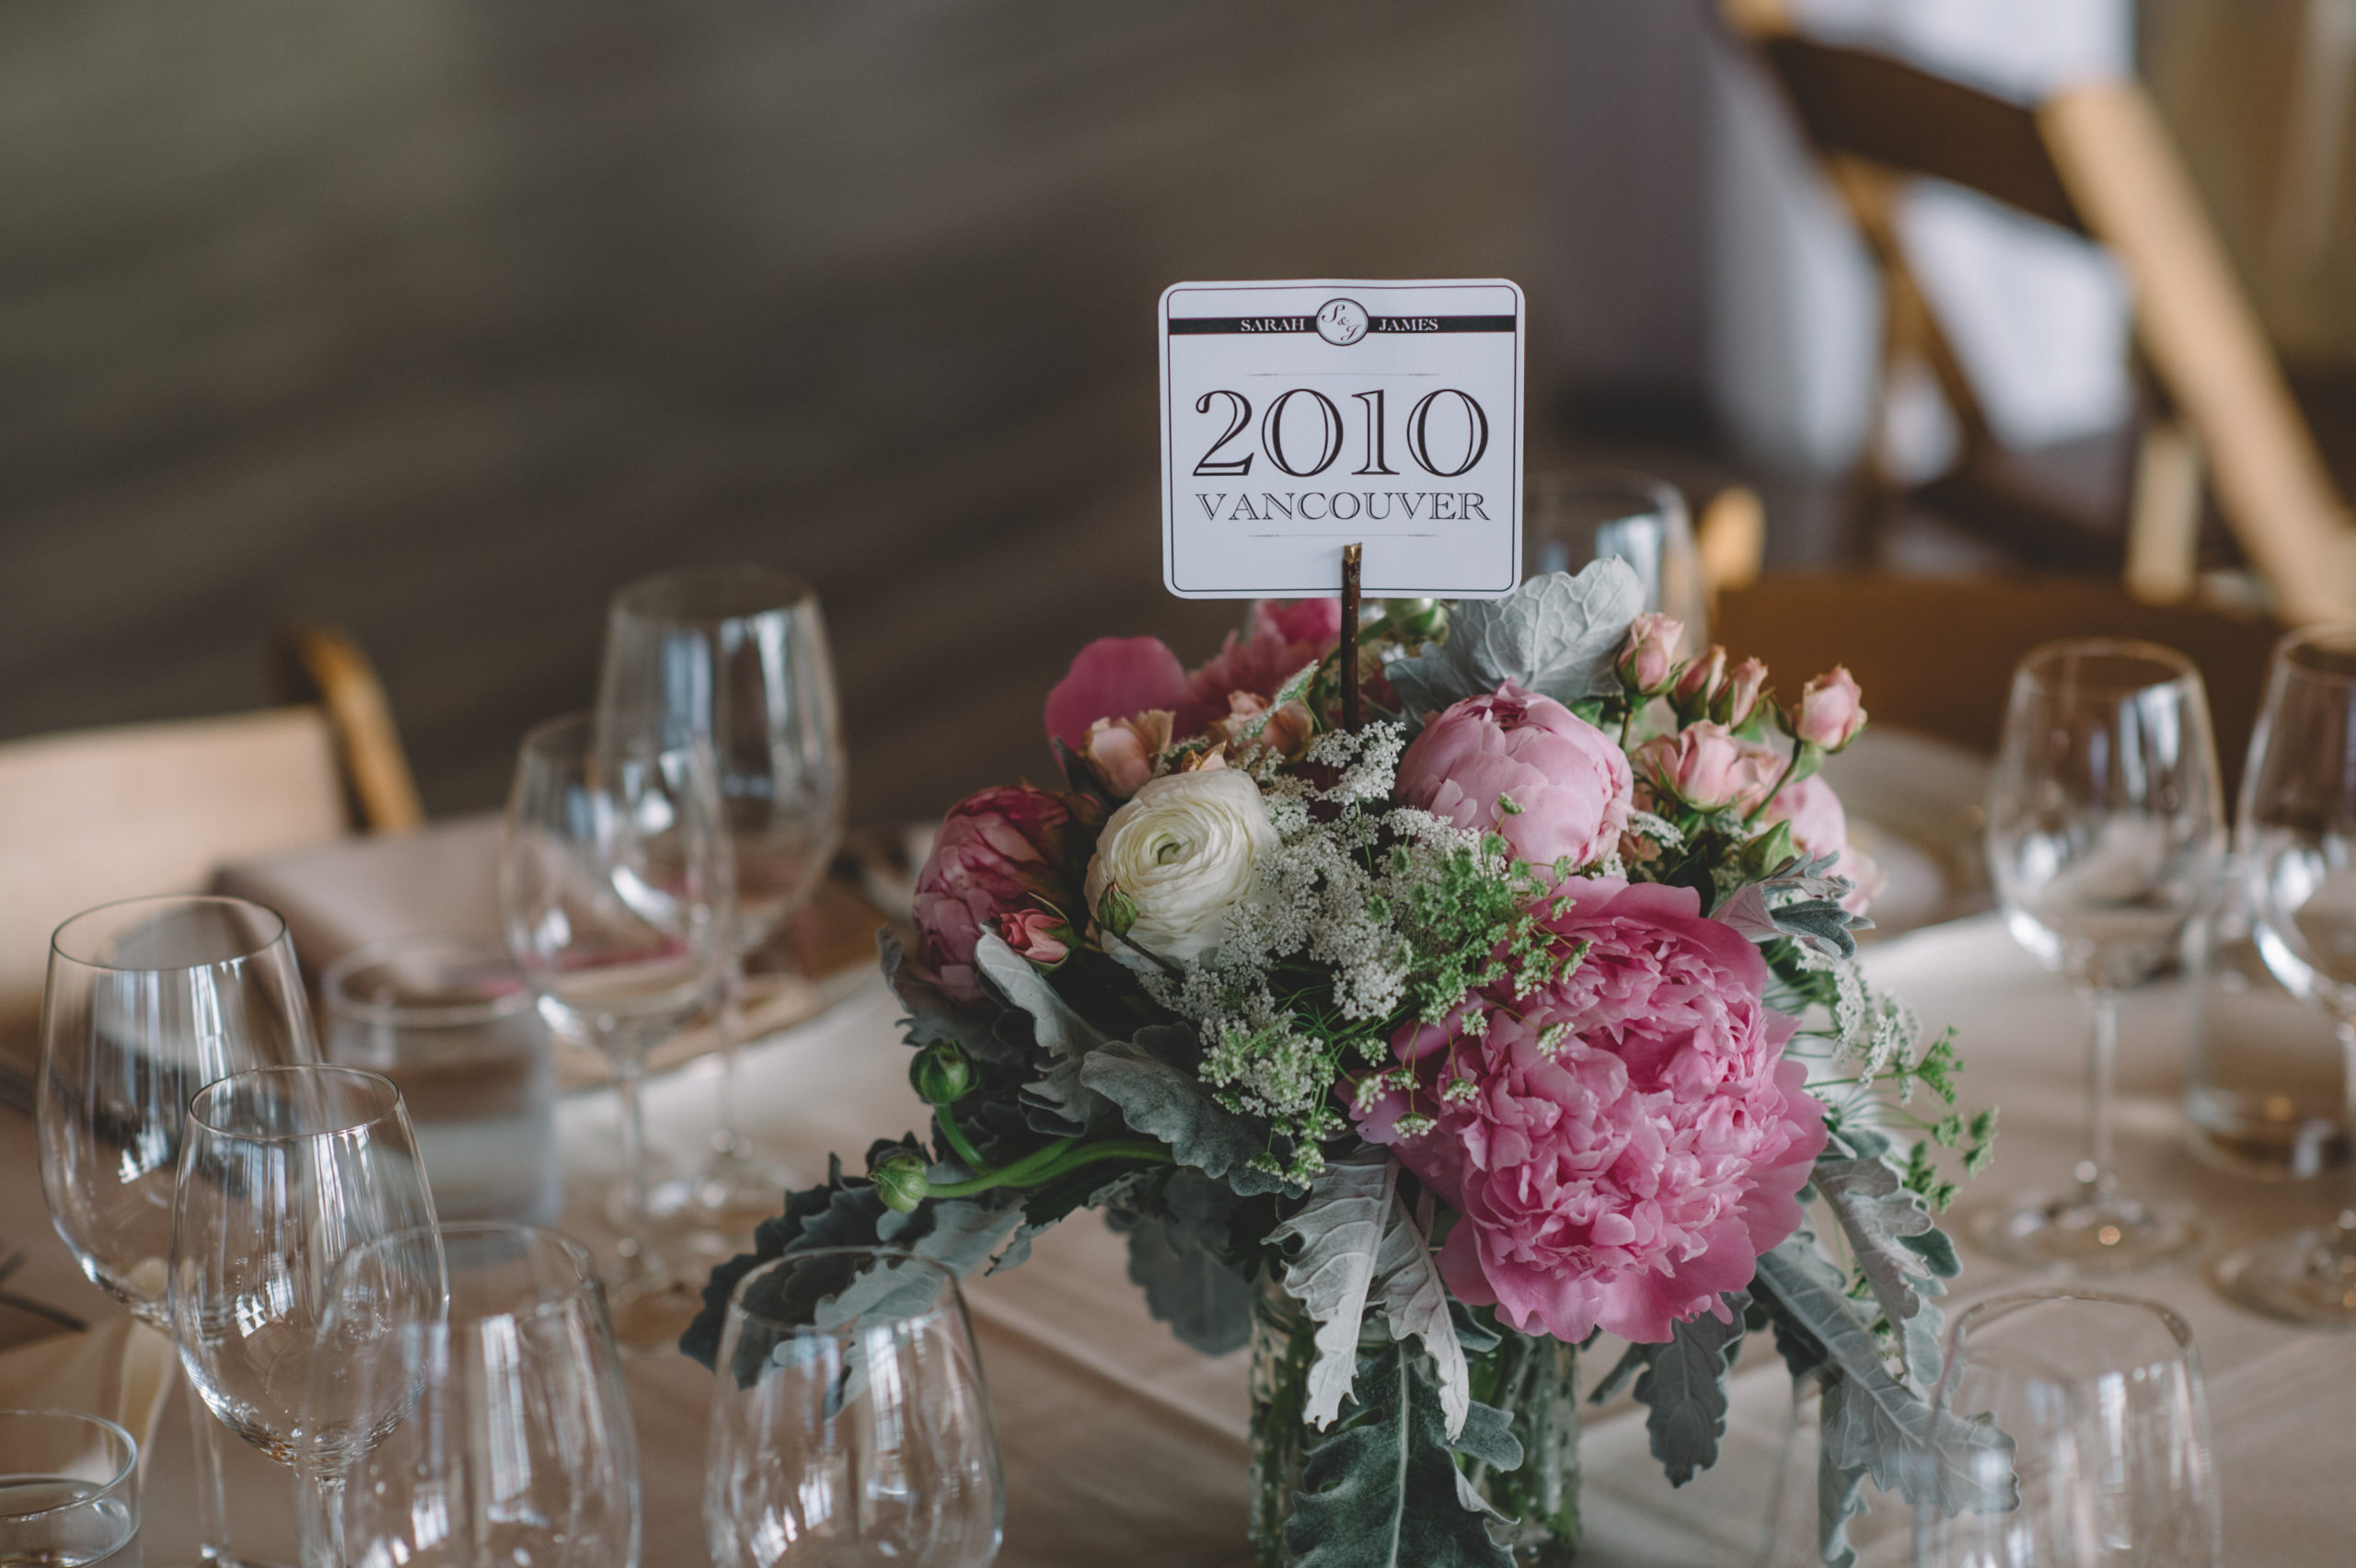 Szymon Szymczakowski_Tofino Wedding Table Decorations